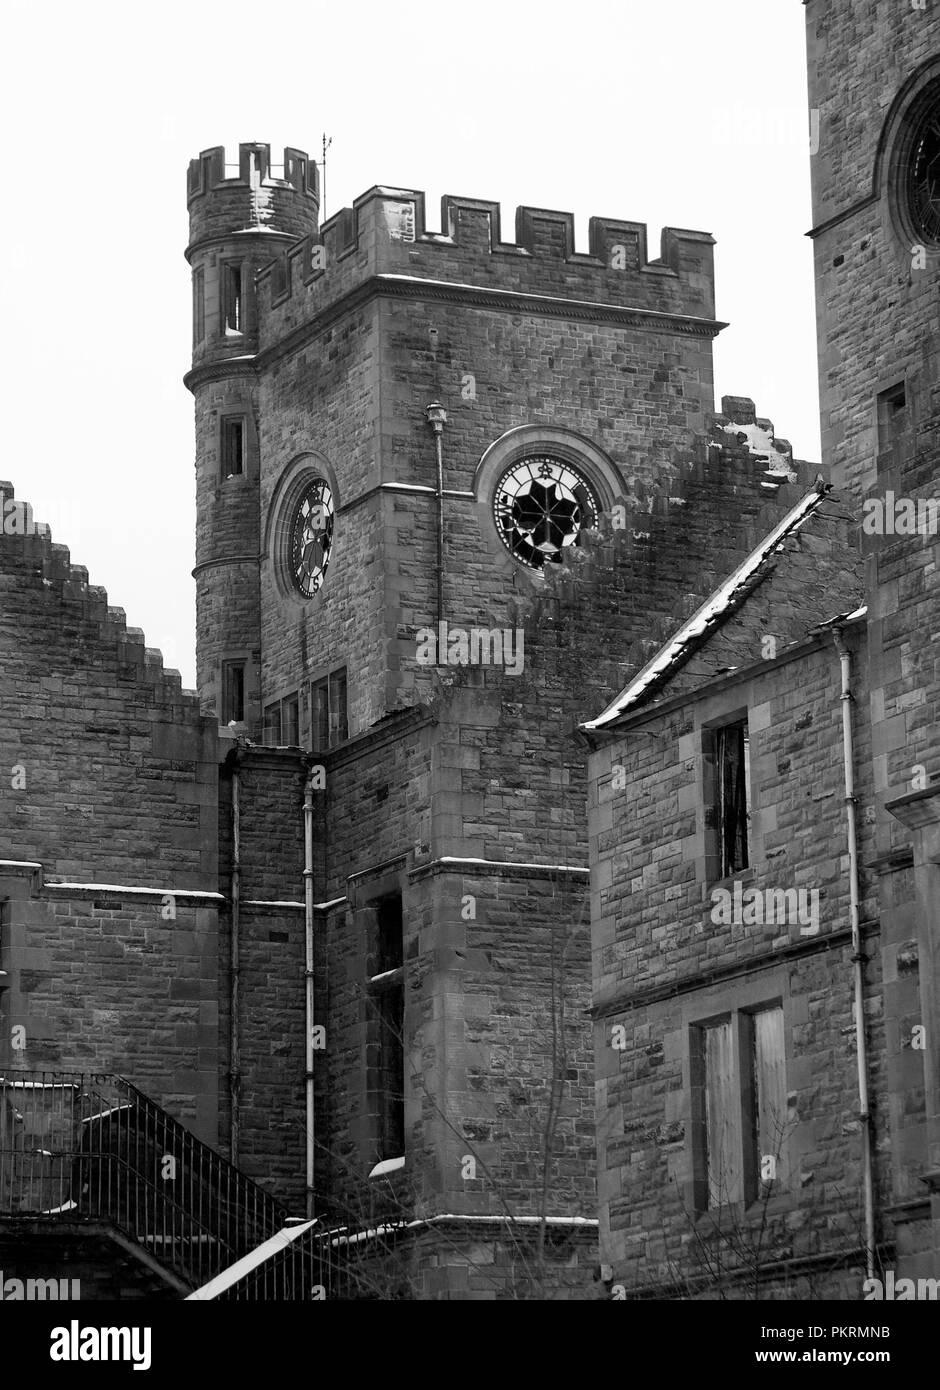 HARTWOOD, Schottland - 03 Dezember 2011: Einer der Twin Tower Uhren in Hartwood Krankenhaus. Sleep Hospital ist ein aus dem 19. Jahrhundert psychiatrischen Klinik. Stockbild